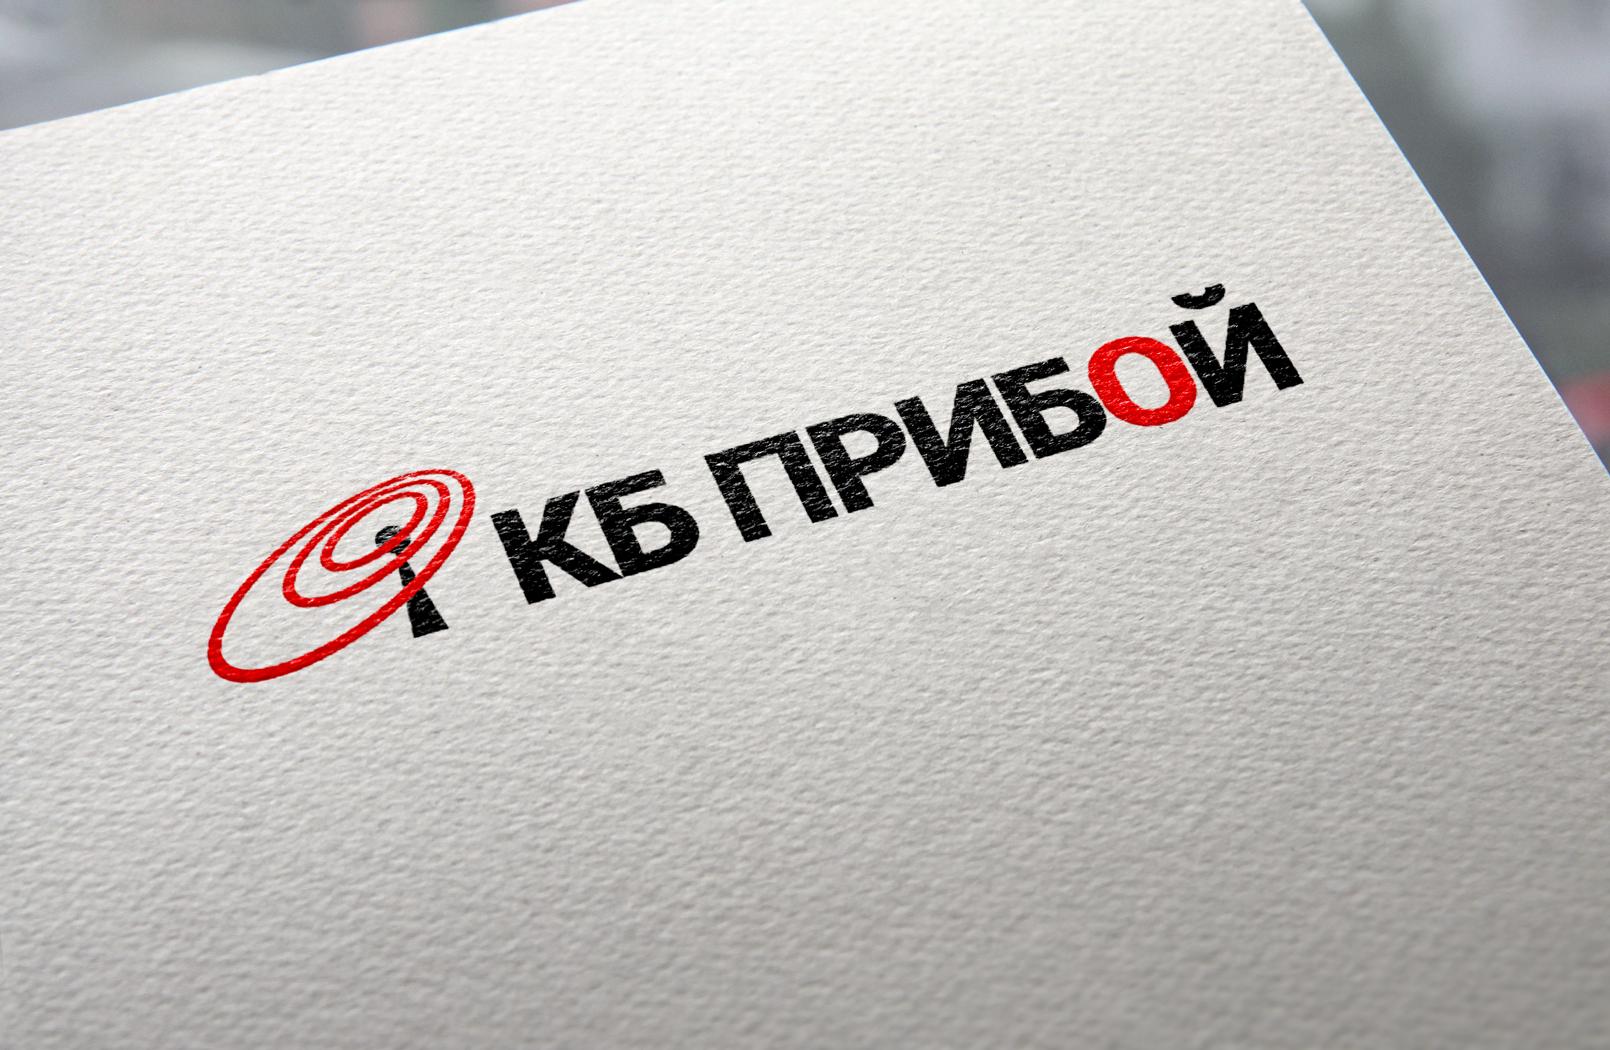 Разработка логотипа и фирменного стиля для КБ Прибой фото f_1005b2b75387adb3.jpg